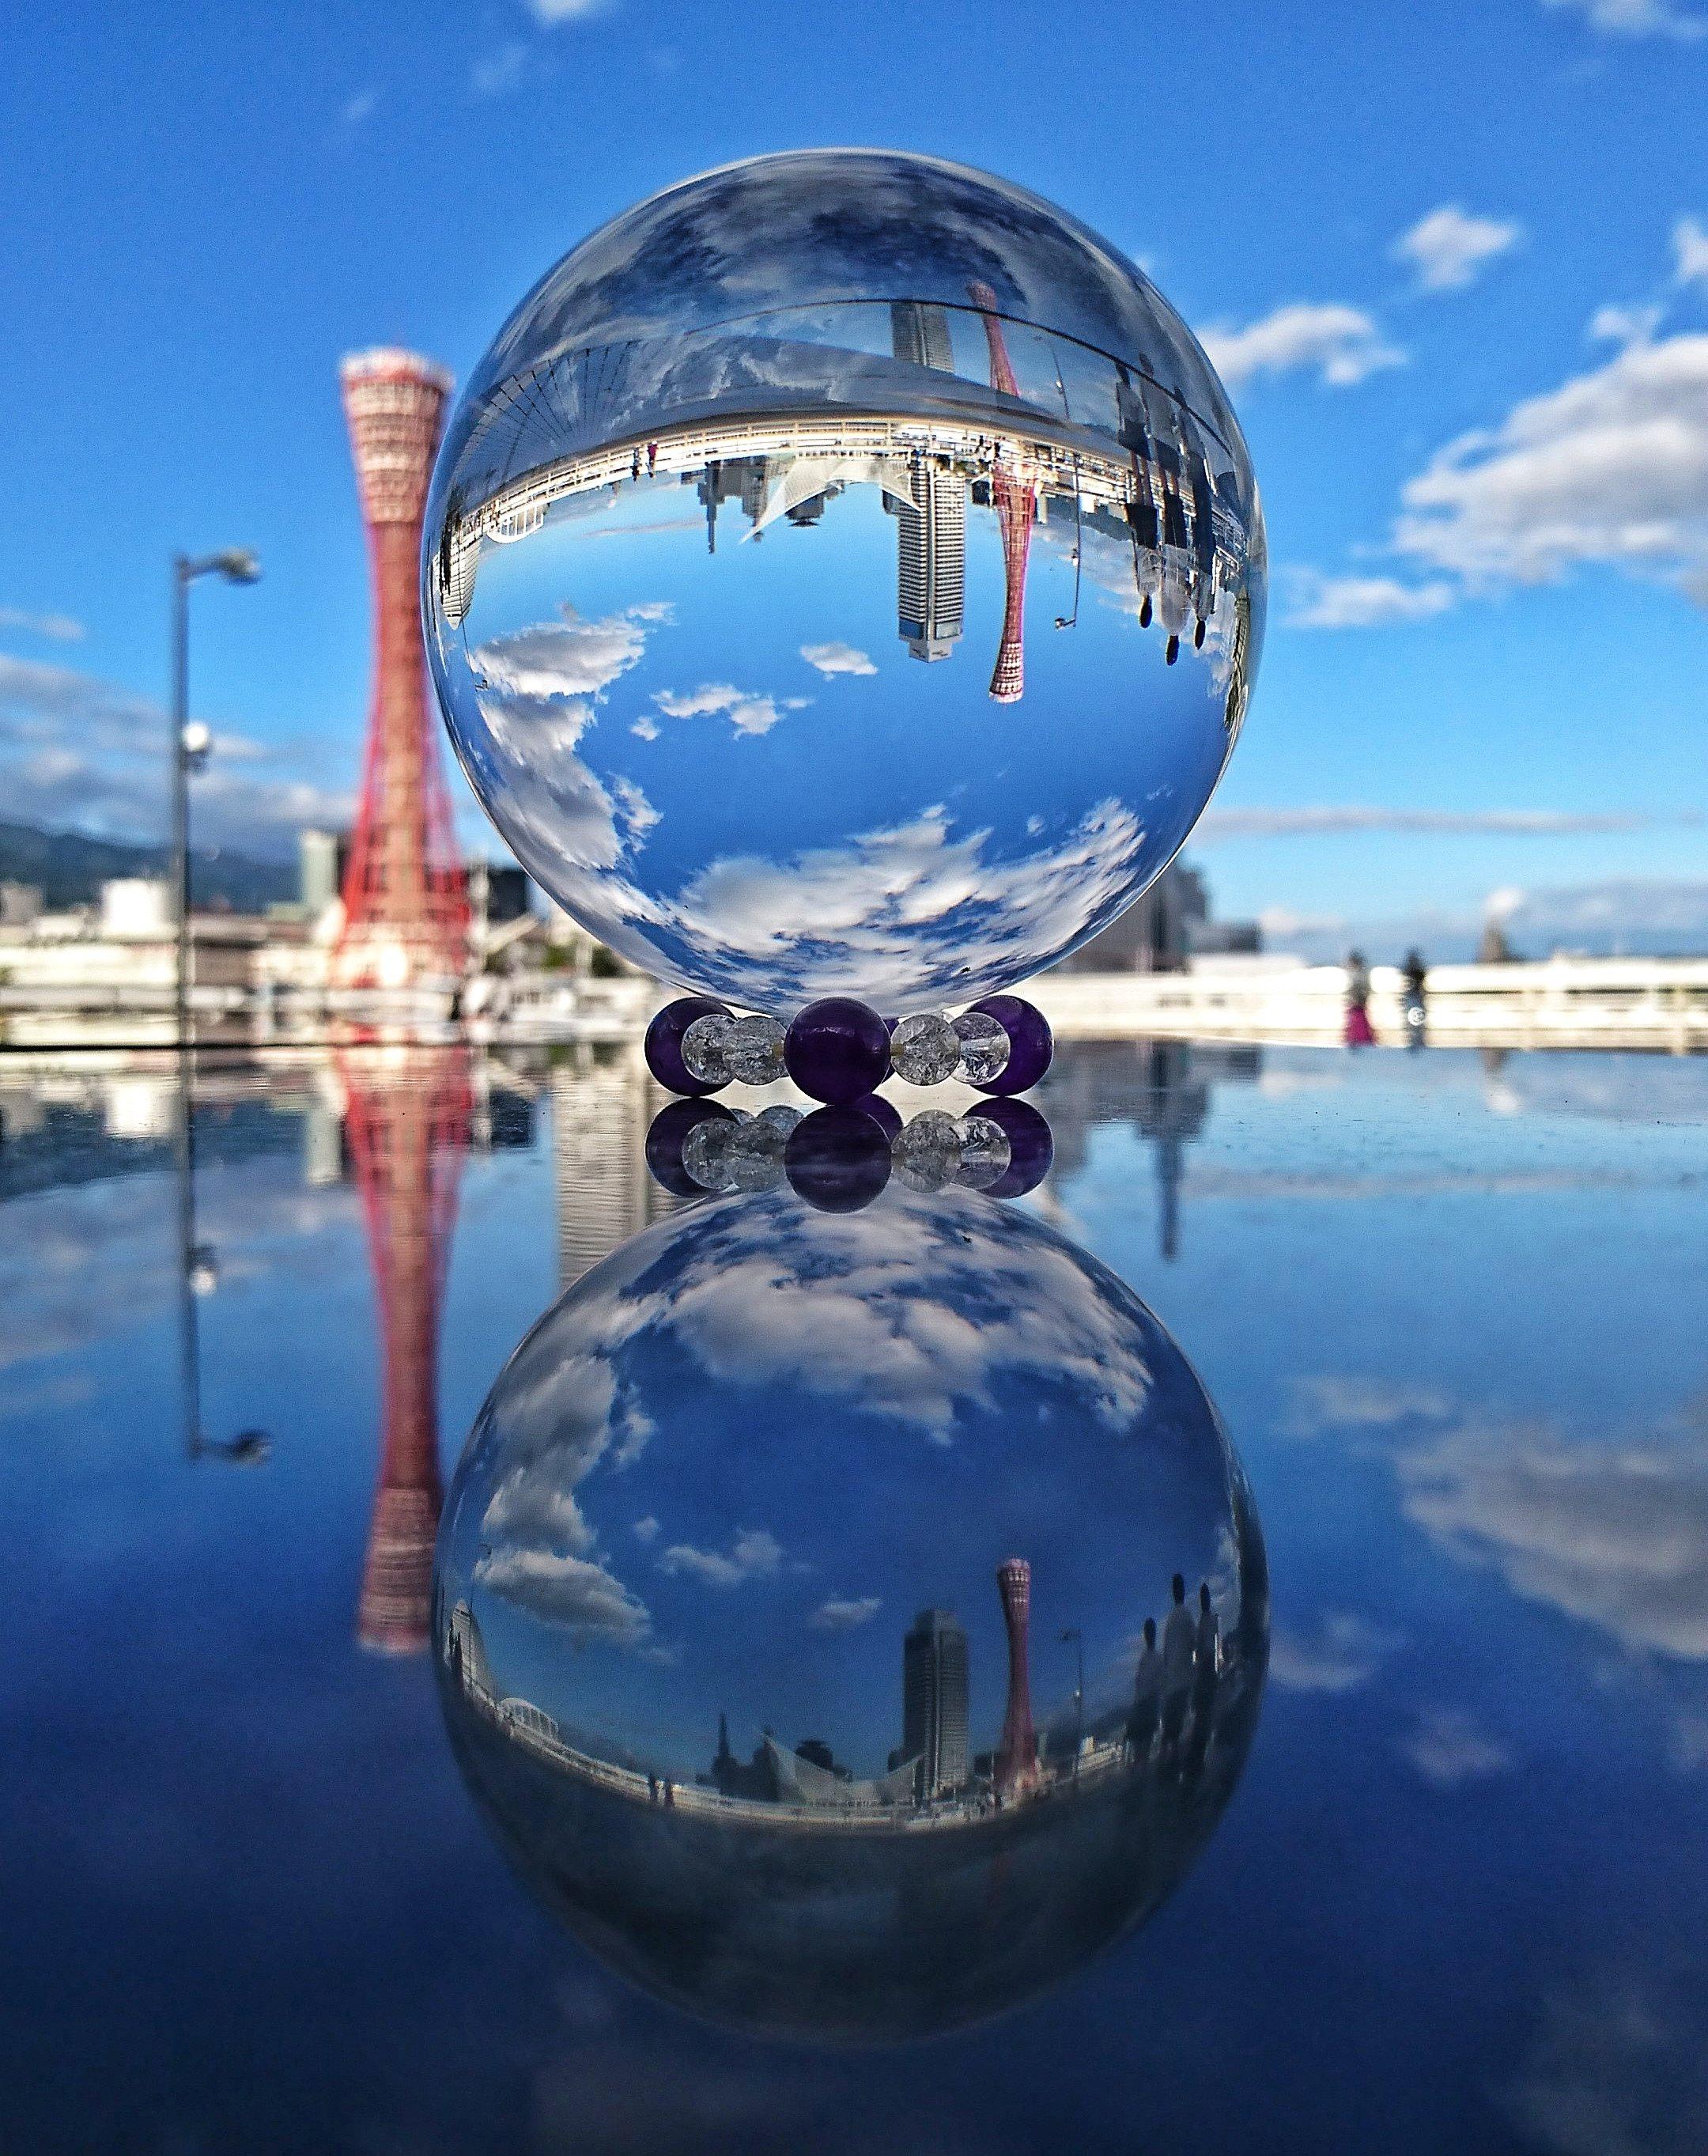 水晶球に映る神戸タワーとリフレクションの写真